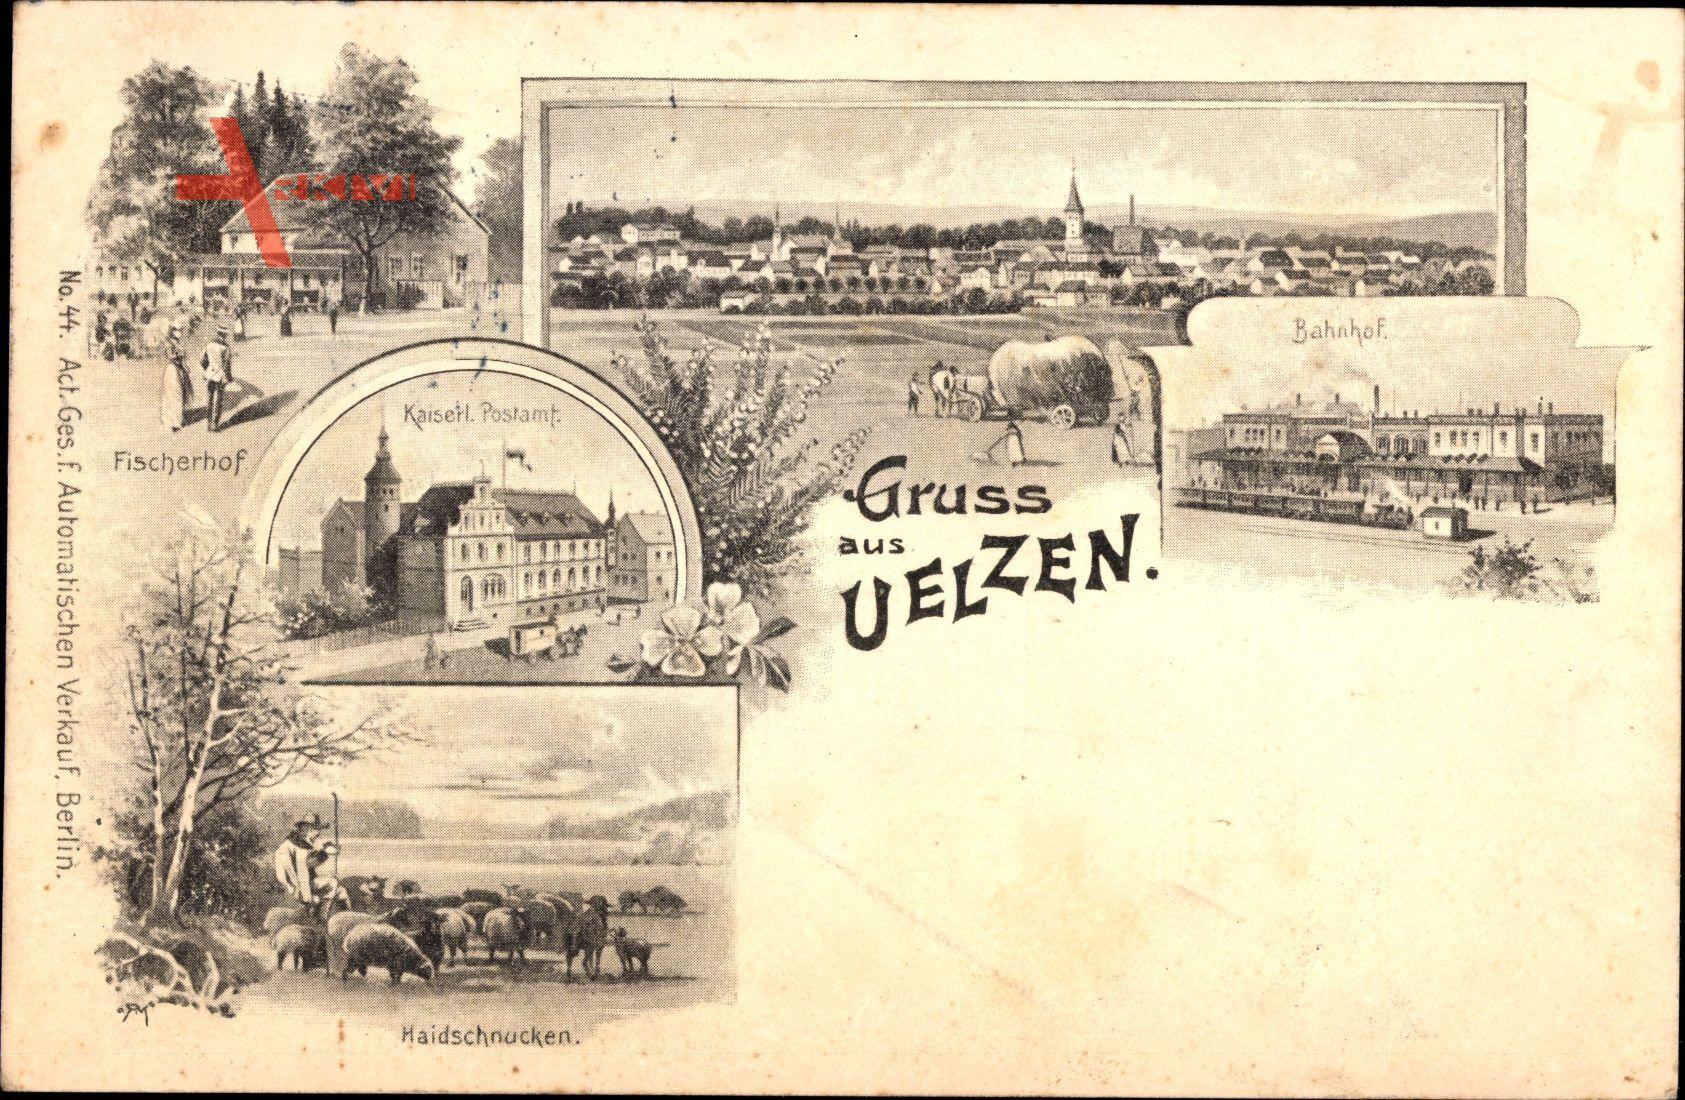 Uelzen in Niedersachsen, Fischerhof, Kaiserl. Postamt, Bahnhof, Totalansicht